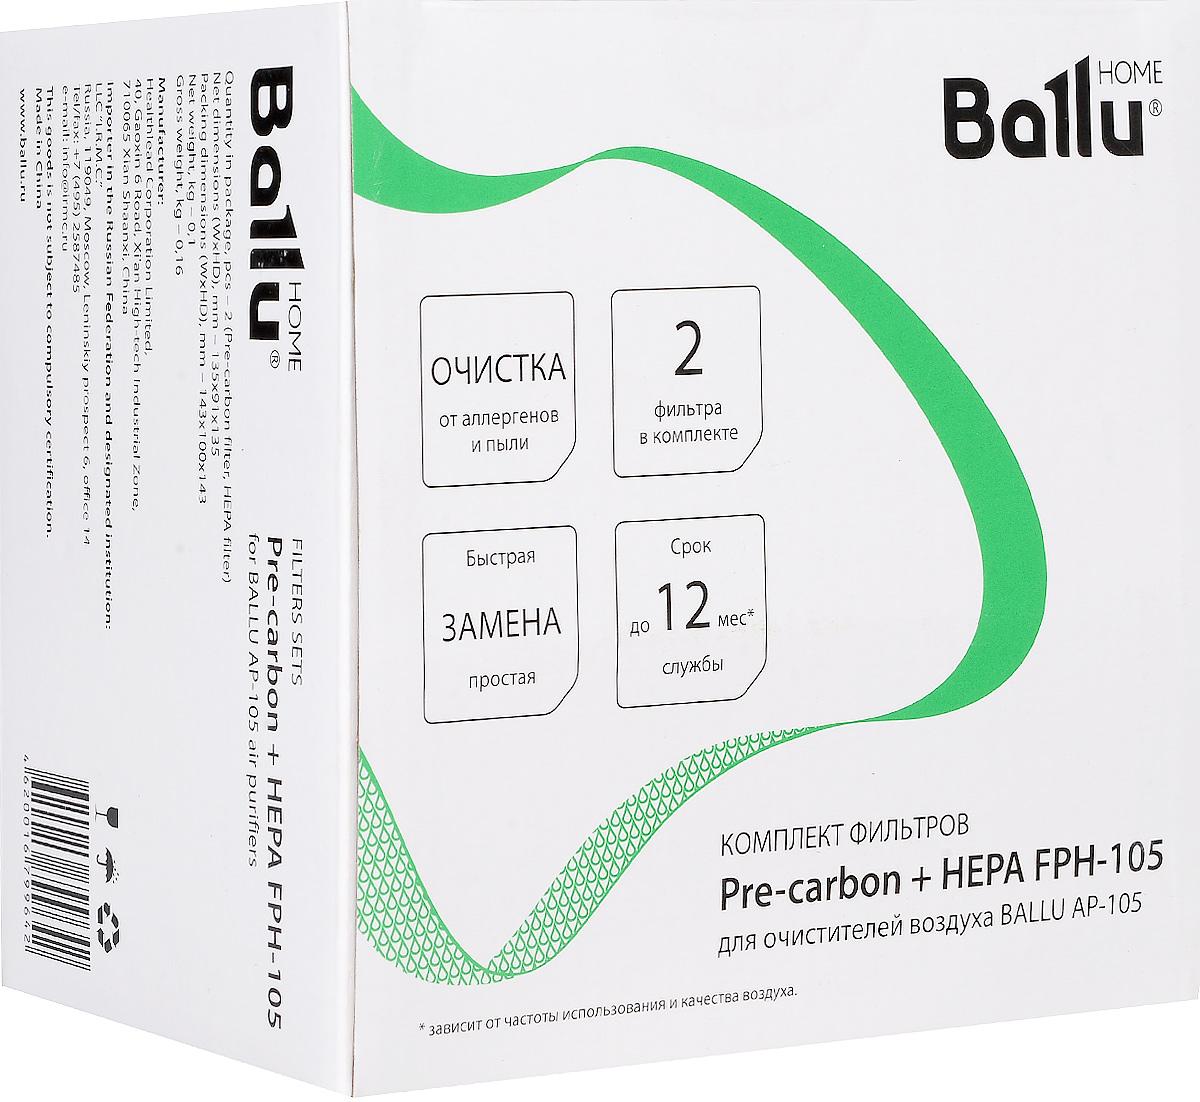 Ballu Pre-carbon + HEPA FРH-105 комплект фильтров для воздухоочистителя AP-105FРH-105Данный комплект включает в себя фильтр тонкой очистки воздуха HEPA и фильтр предварительной очистки воздуха Pre-carbon.Противоаллергенный фильтр класса НЕРА гарантирует удержание 99% частиц пыли, цветочной пыльцы, аллергенов и других загрязнителей размером до 0,3 мкм. Срок годности фильтра тонкой очистки воздуха составляет от 6 месяцев до 12 месяцев (или 2800 часов работы).Шерсть домашних животных и крупные частички оседают в Pre-Carbon фильтре, что позволяет повысить эффективность очистки и значительно продлить срок службы HEPA-фильтра. Срок годности фильтра предварительной очистки воздуха составляет от 3 месяцев до 6 месяцев (или 1400 часов работы).